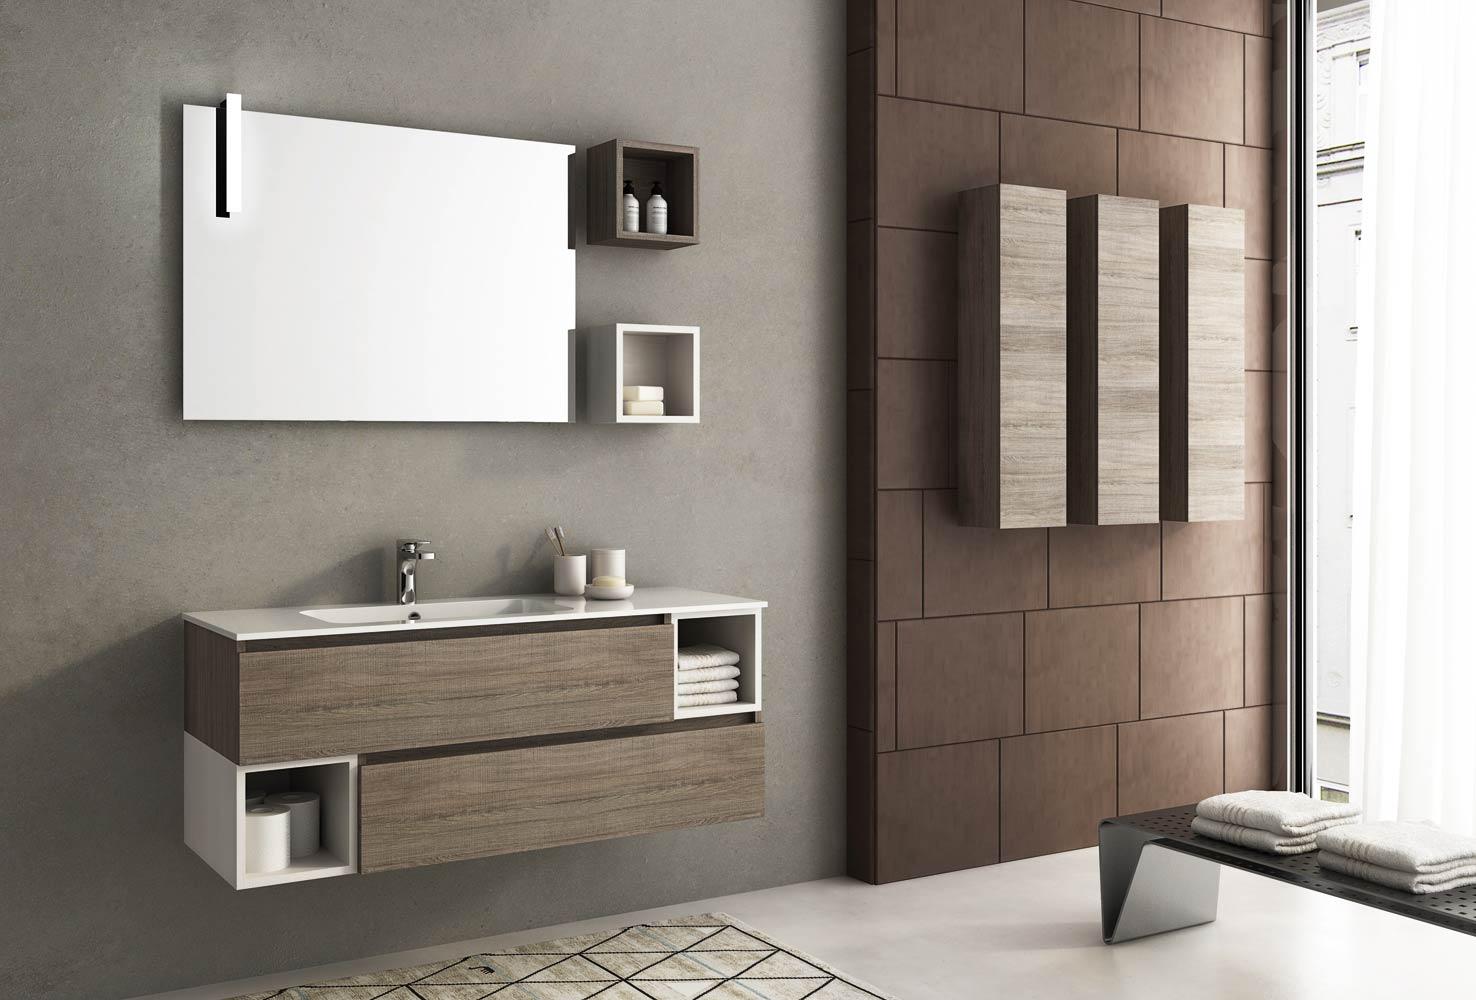 Come scegliere e trovare mobili da bagno economici casa live - Mobili bagno economici ...